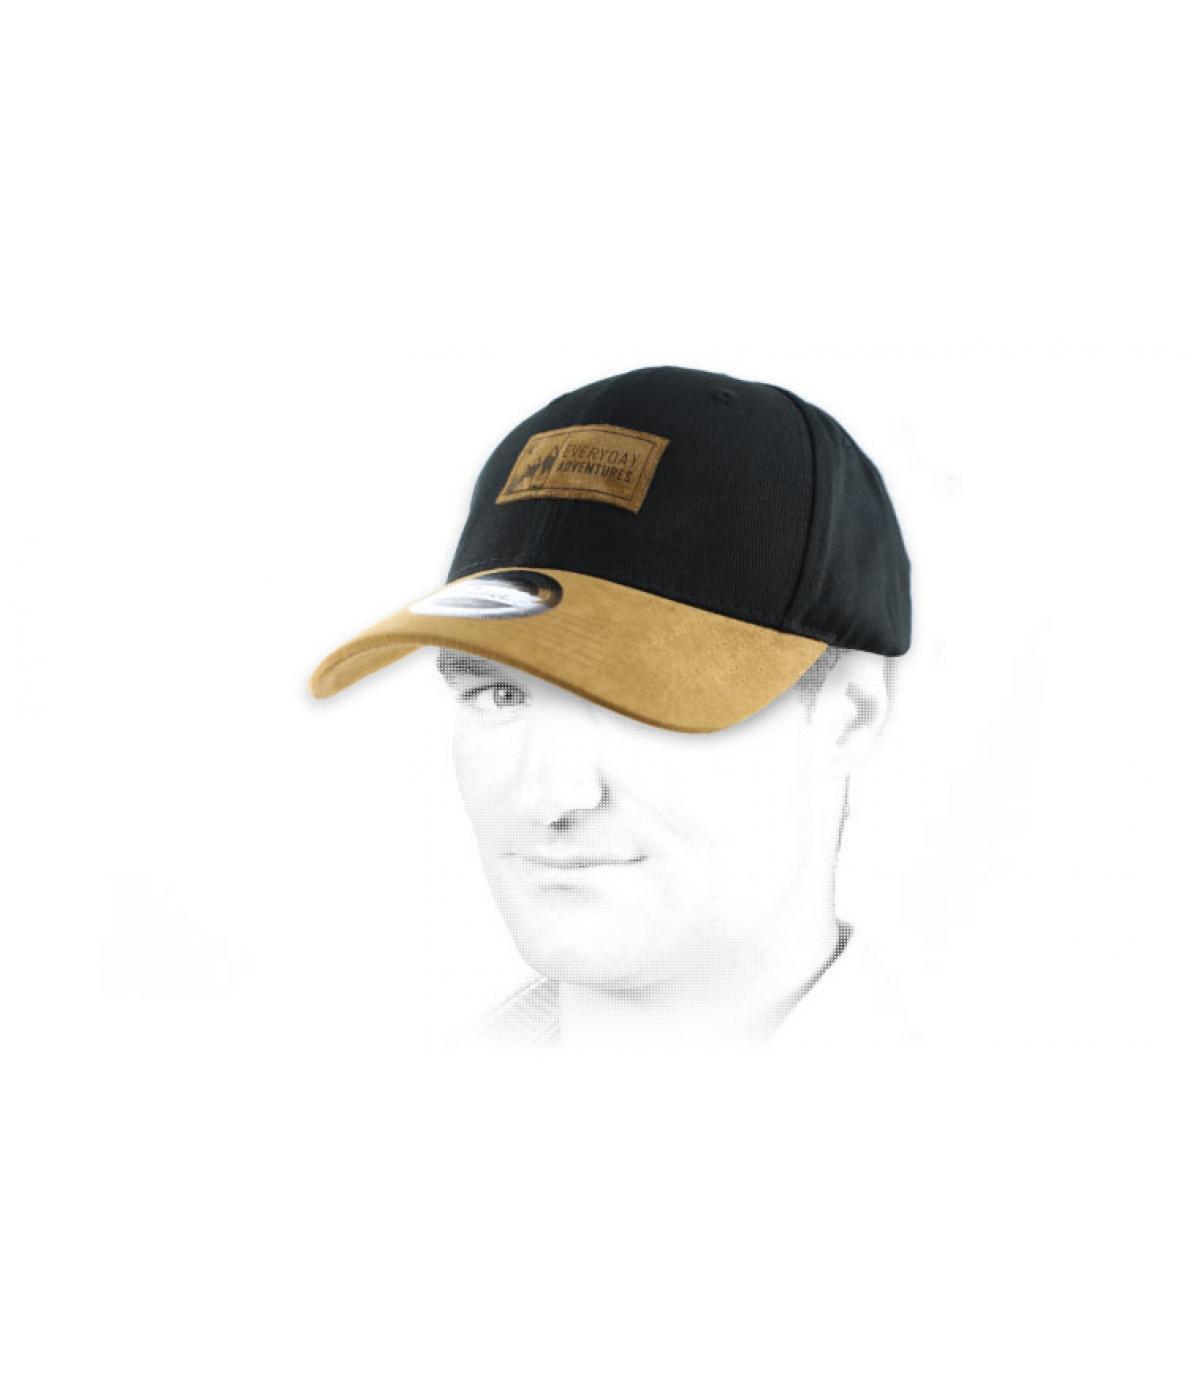 cappello avventure di tutti i giorni